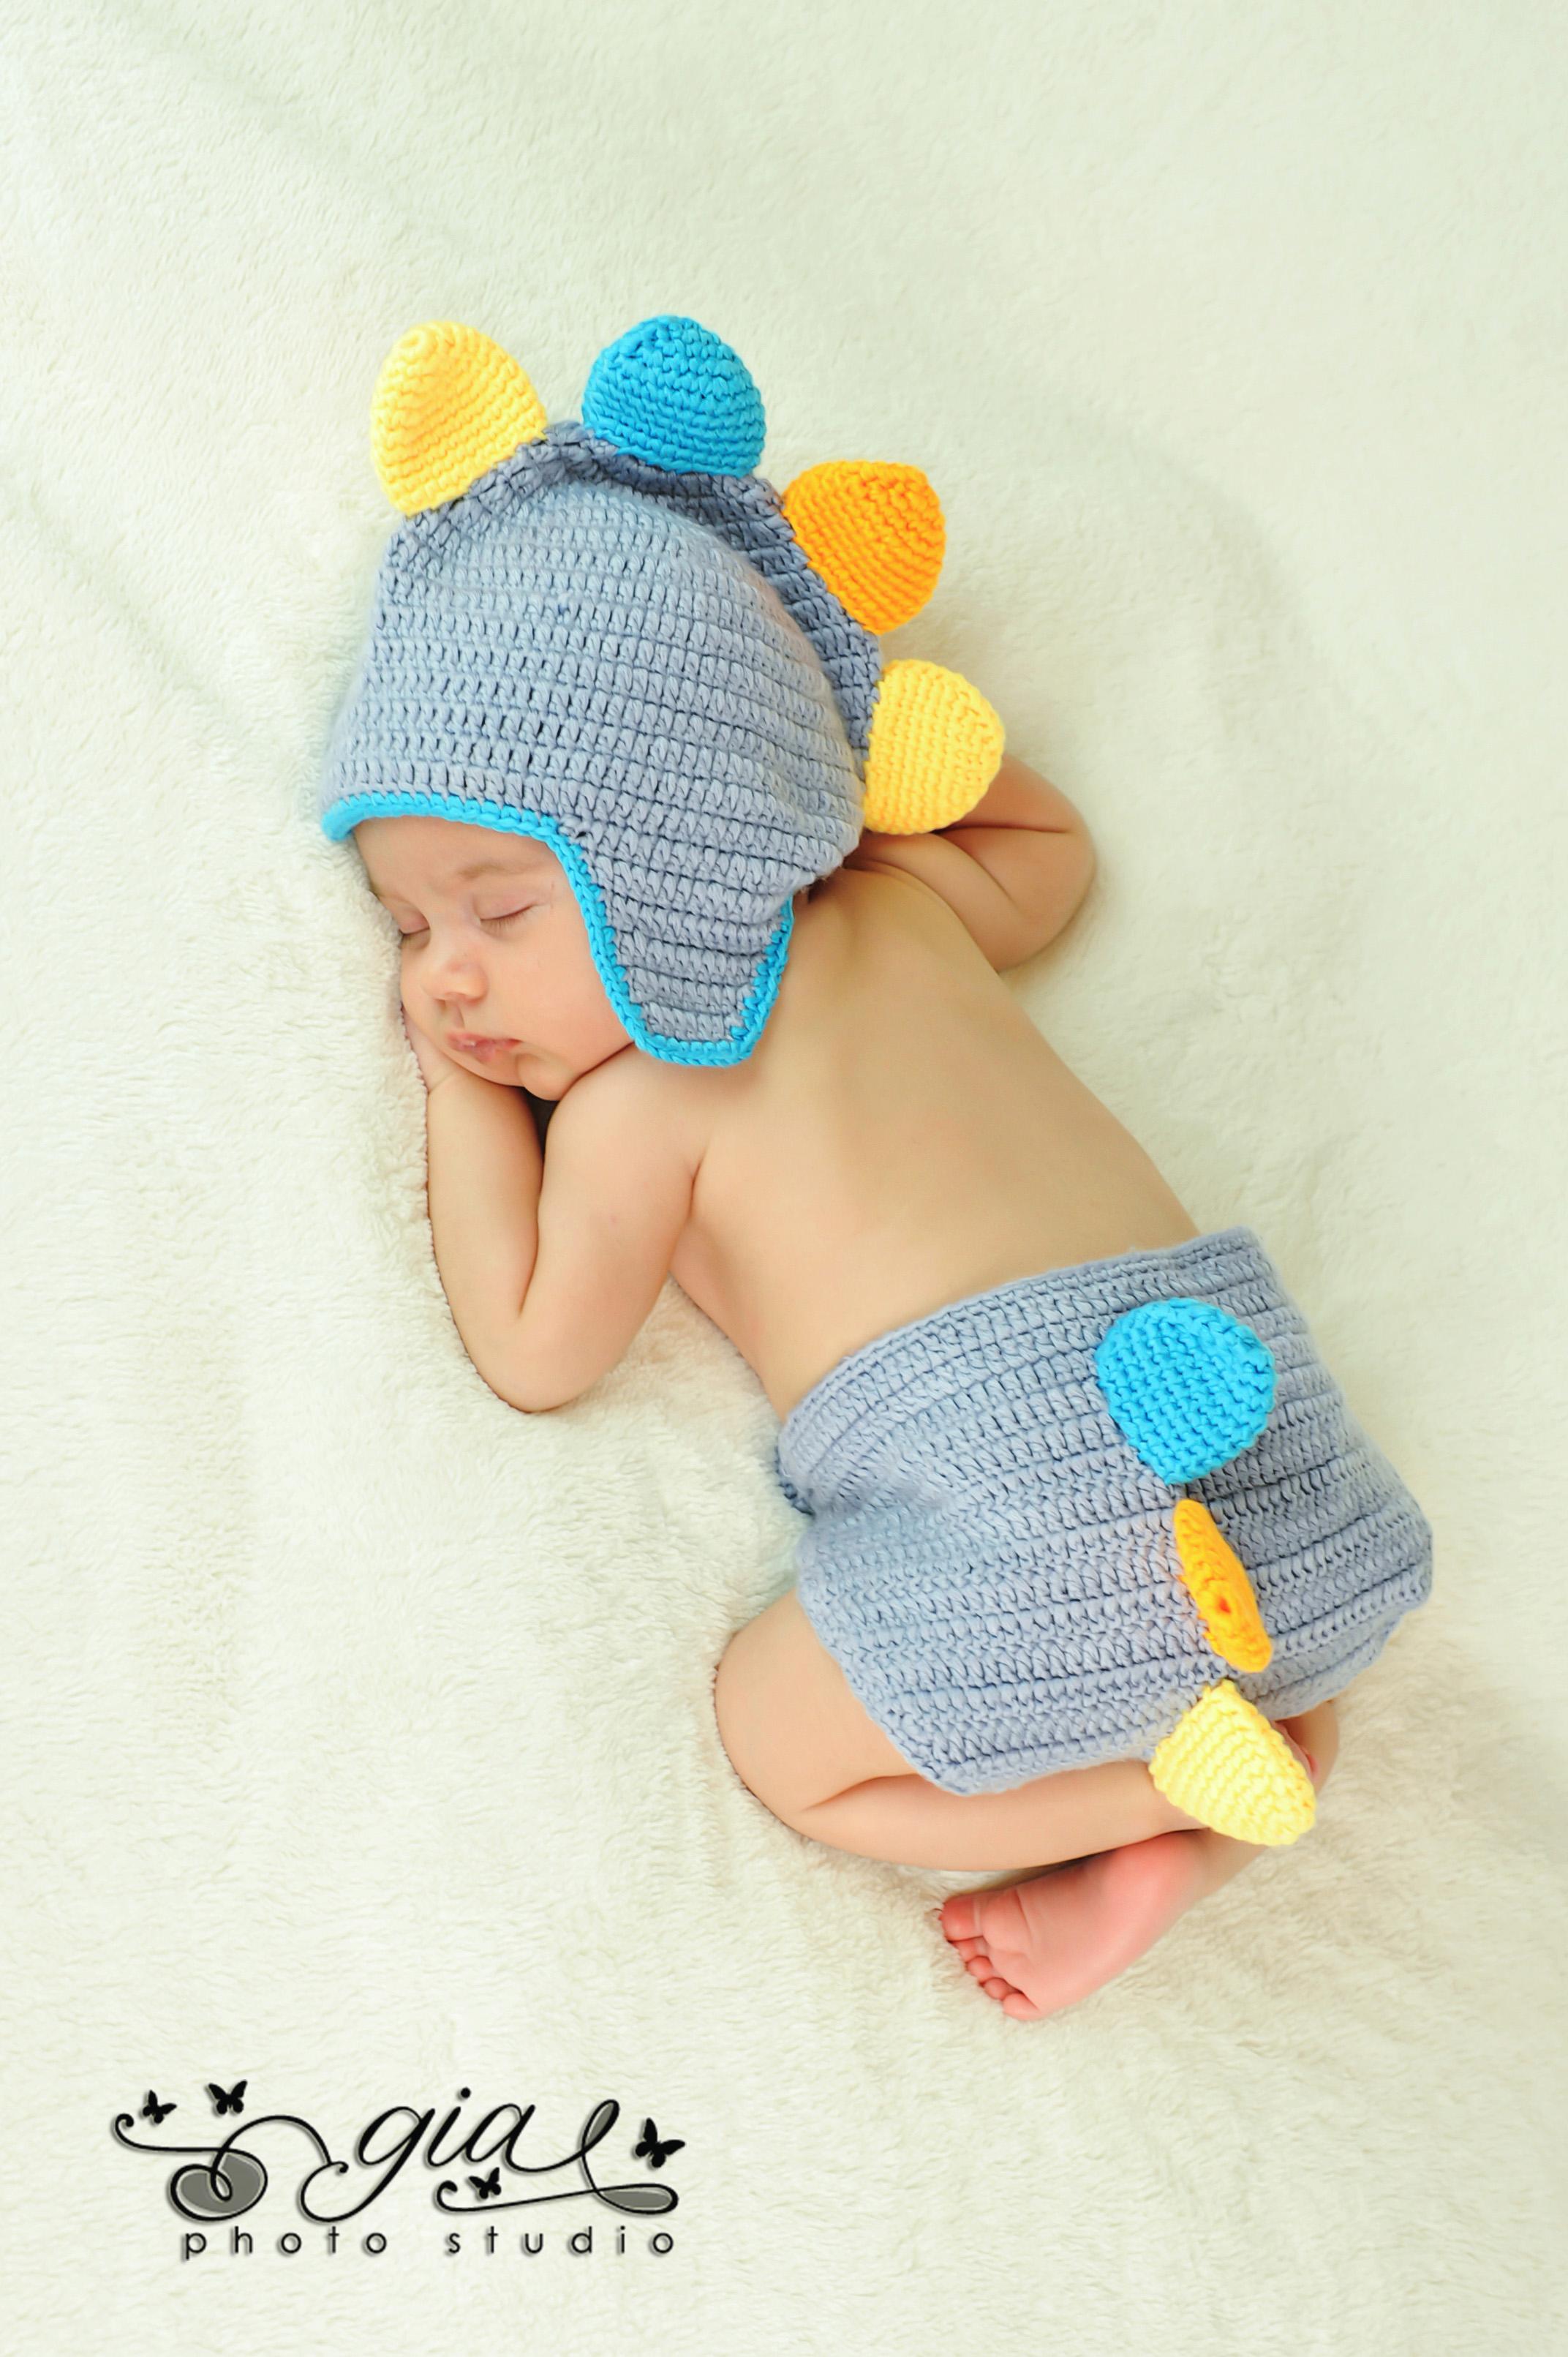 Poze bebelusi nou nascuti 11